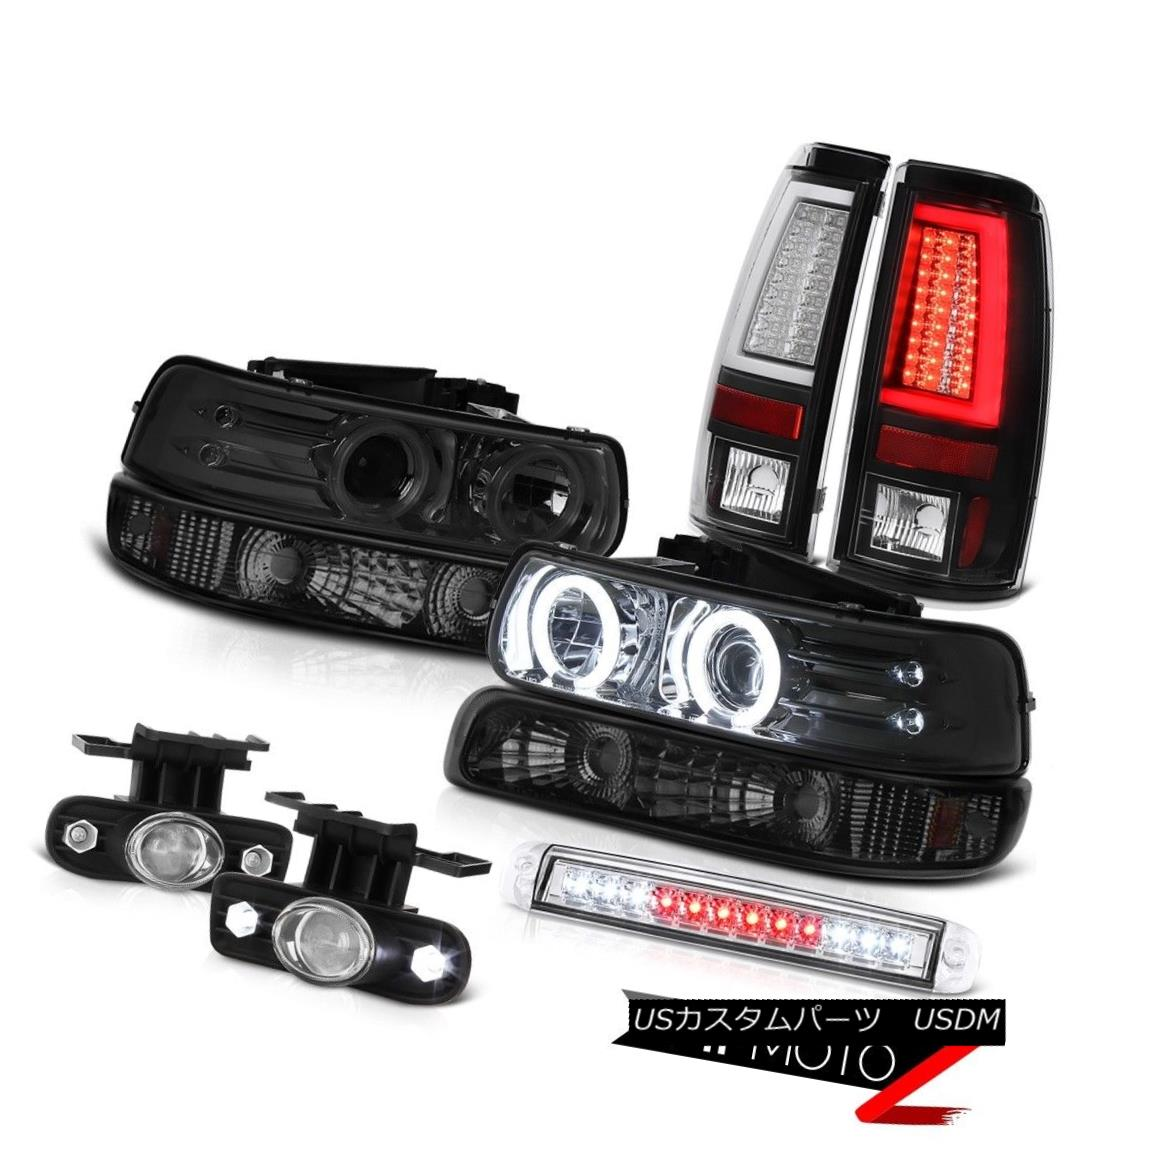 ヘッドライト 99-02 Chevy Silverado Tail Lights Roof Cab Light Parking Headlamps Foglamps LED 99-02シボレーシルバラードテールライトルーフキャブライトパーキングヘッドランプフォグランプLED